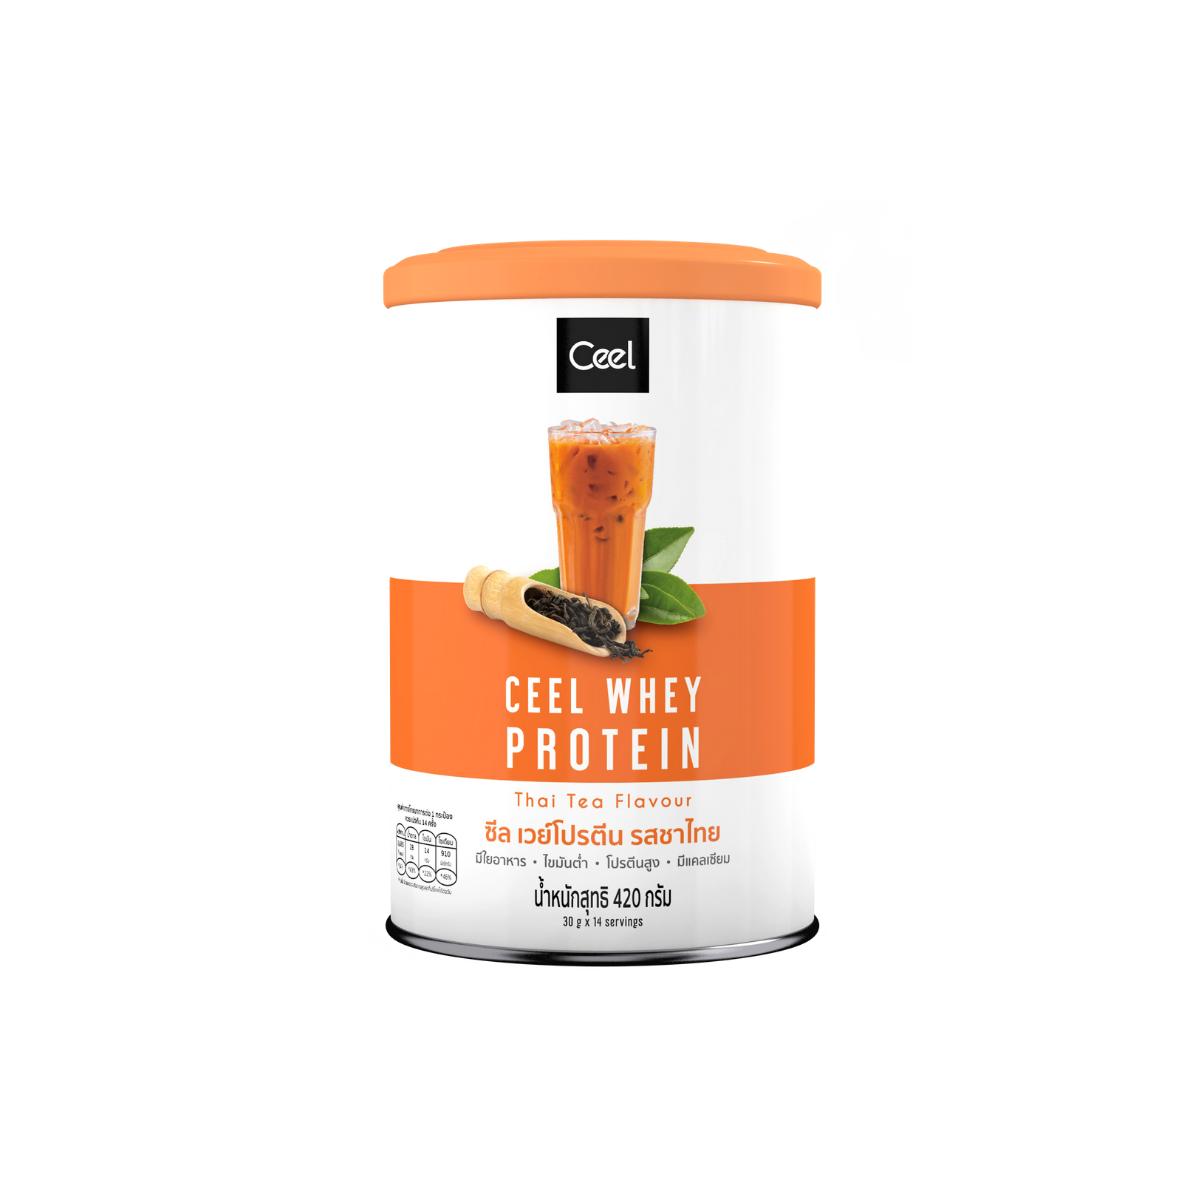 Ceel Whey Protein เวย์โปรตีนสำหรับผู้หญิง สูตรลีน ทานแทนมื้อหลักได้ รสชาไทย 420 กรัม